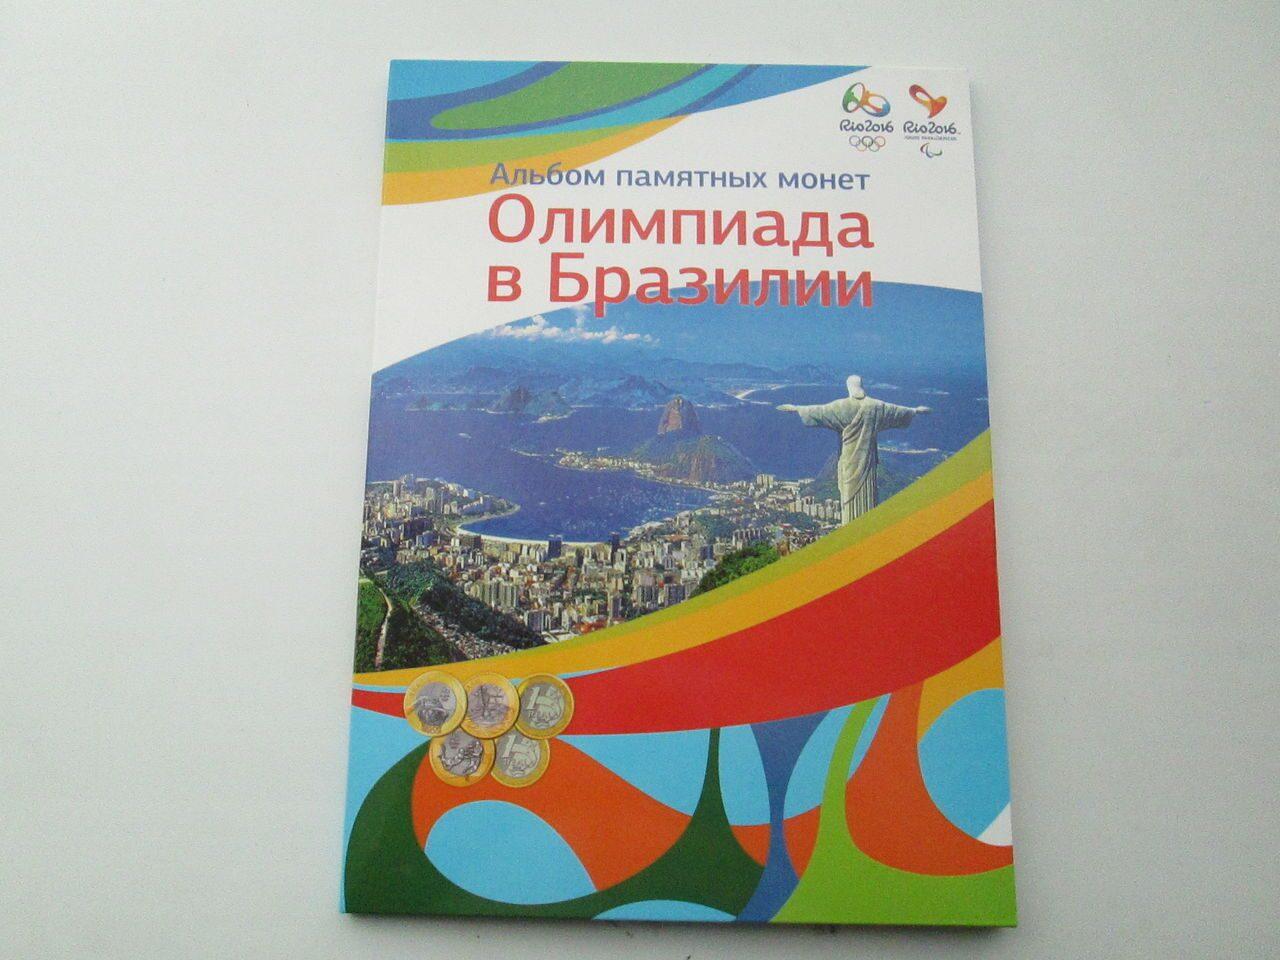 Альбомы для монет олимпиады редкие 10 рублевые монеты современной россии